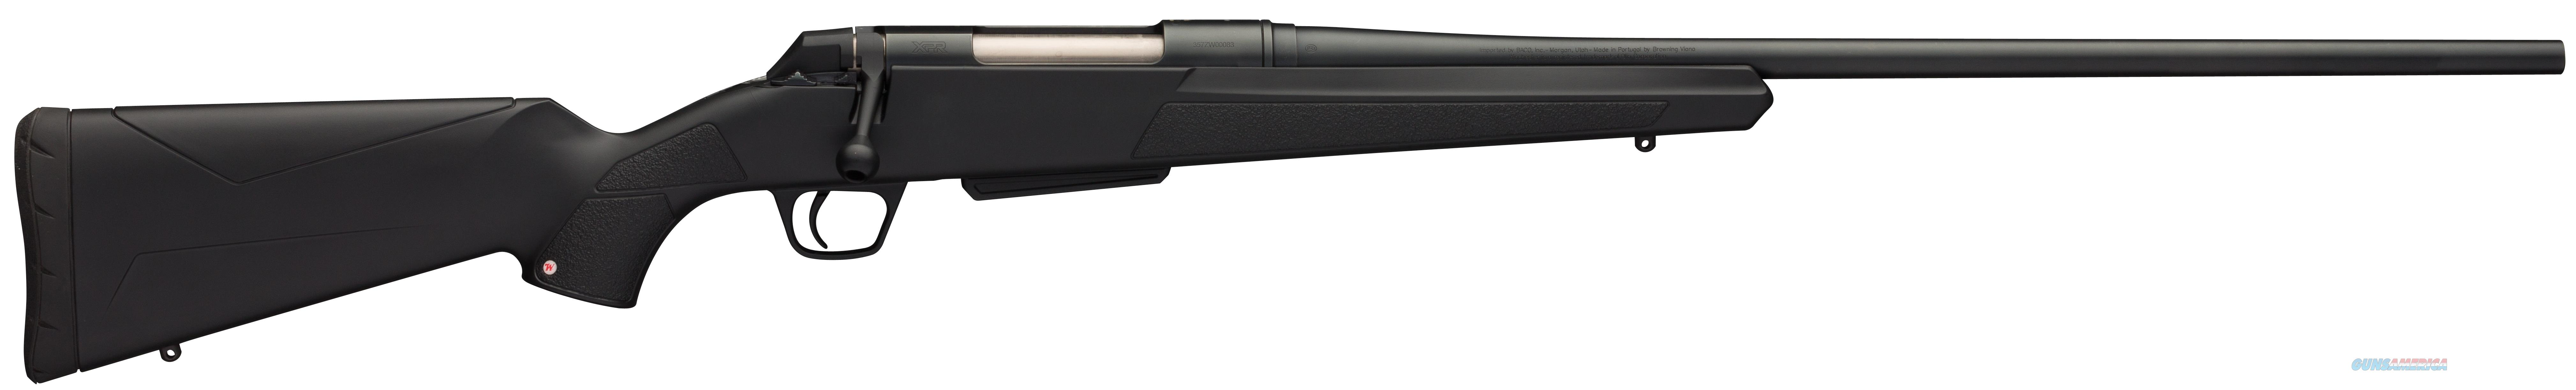 """Winchester XPR Bolt .270 Winchester 24"""" 535703226  Guns > Rifles > Winchester Rifles - Modern Bolt/Auto/Single > Other Bolt Action"""